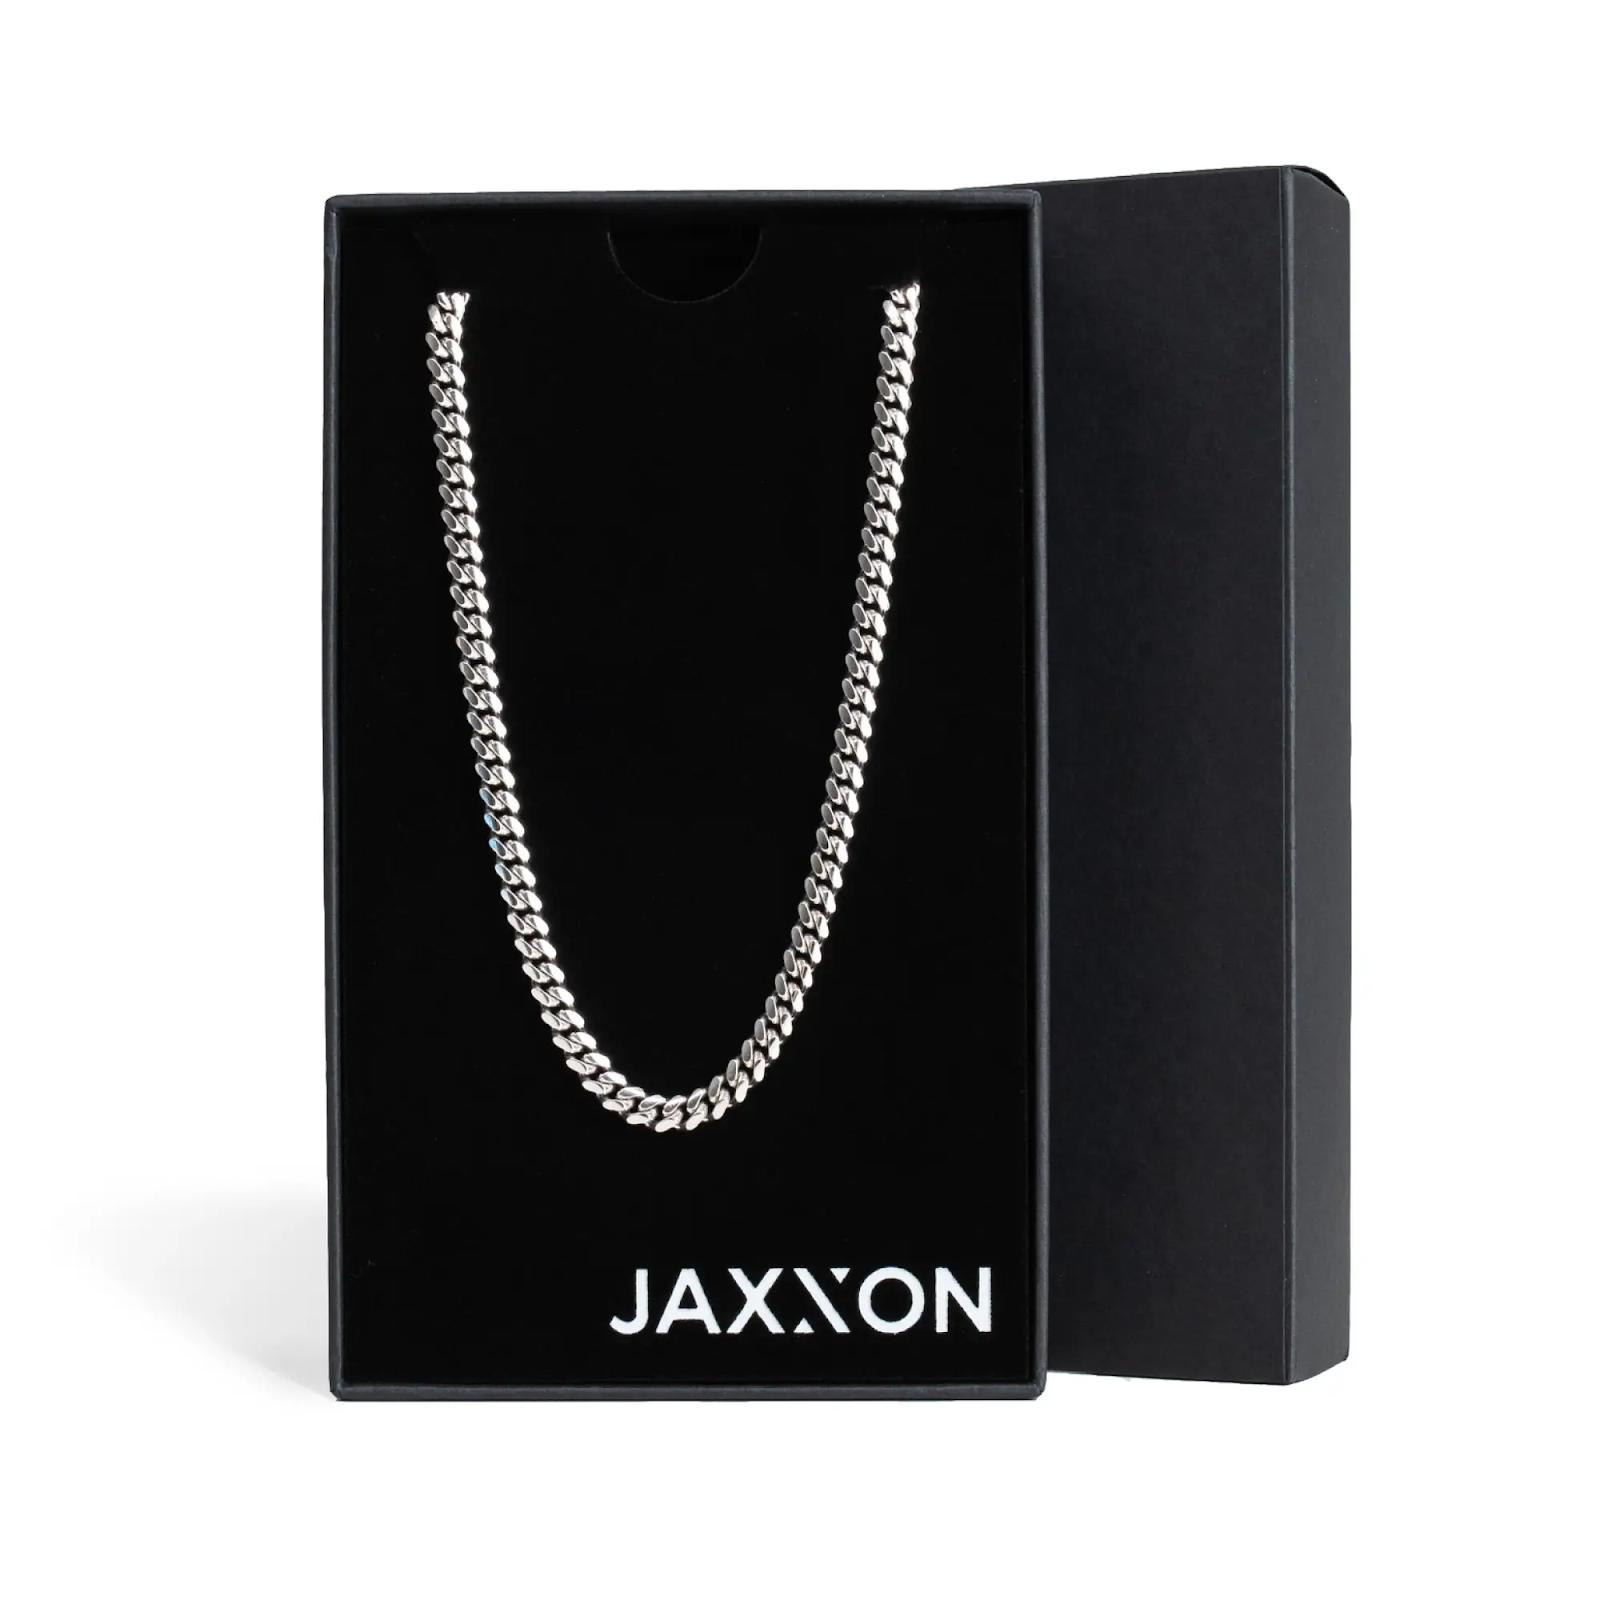 Jaxxon Cuban Link Chain